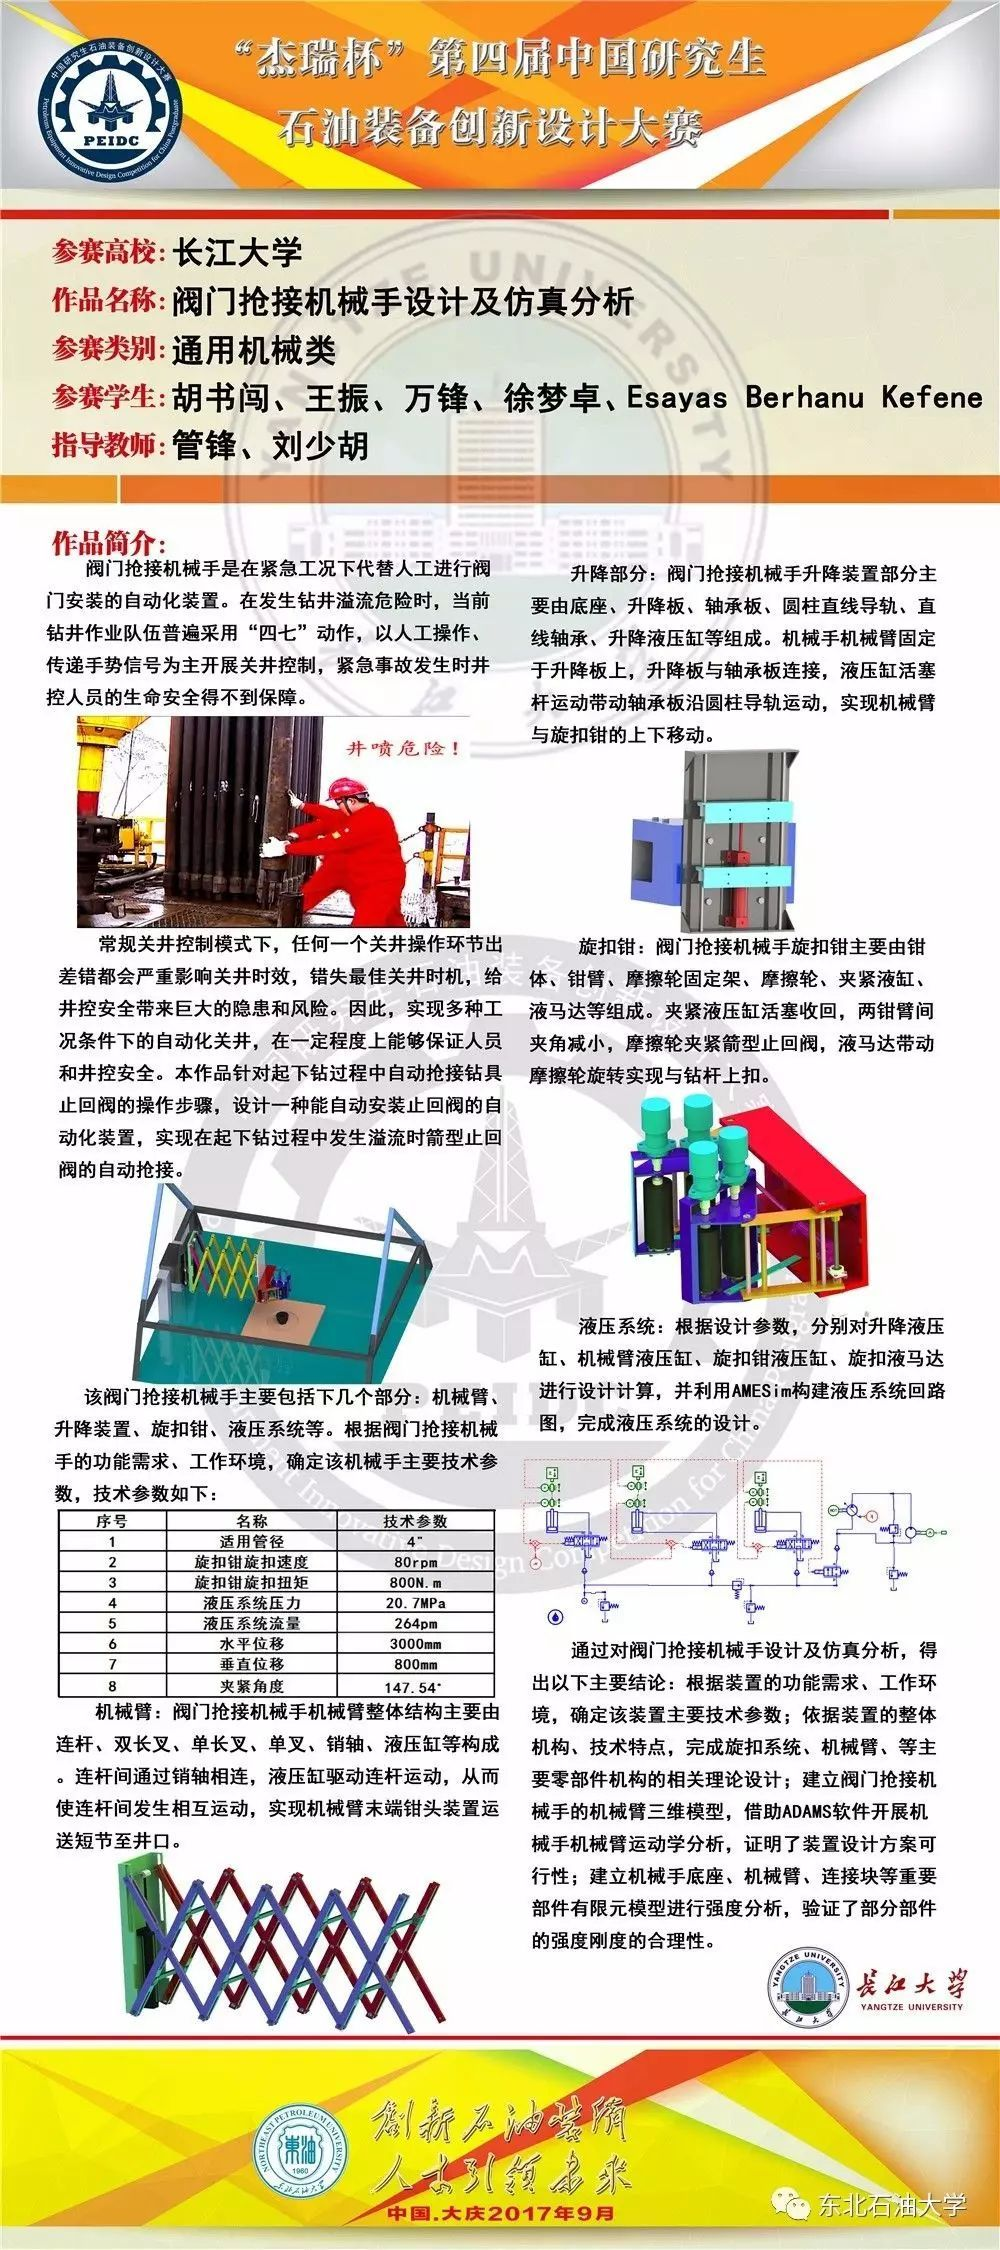 """""""杰瑞杯""""第四届中国研究生石油装备创新设计大赛参赛作品展览【part 2图片"""